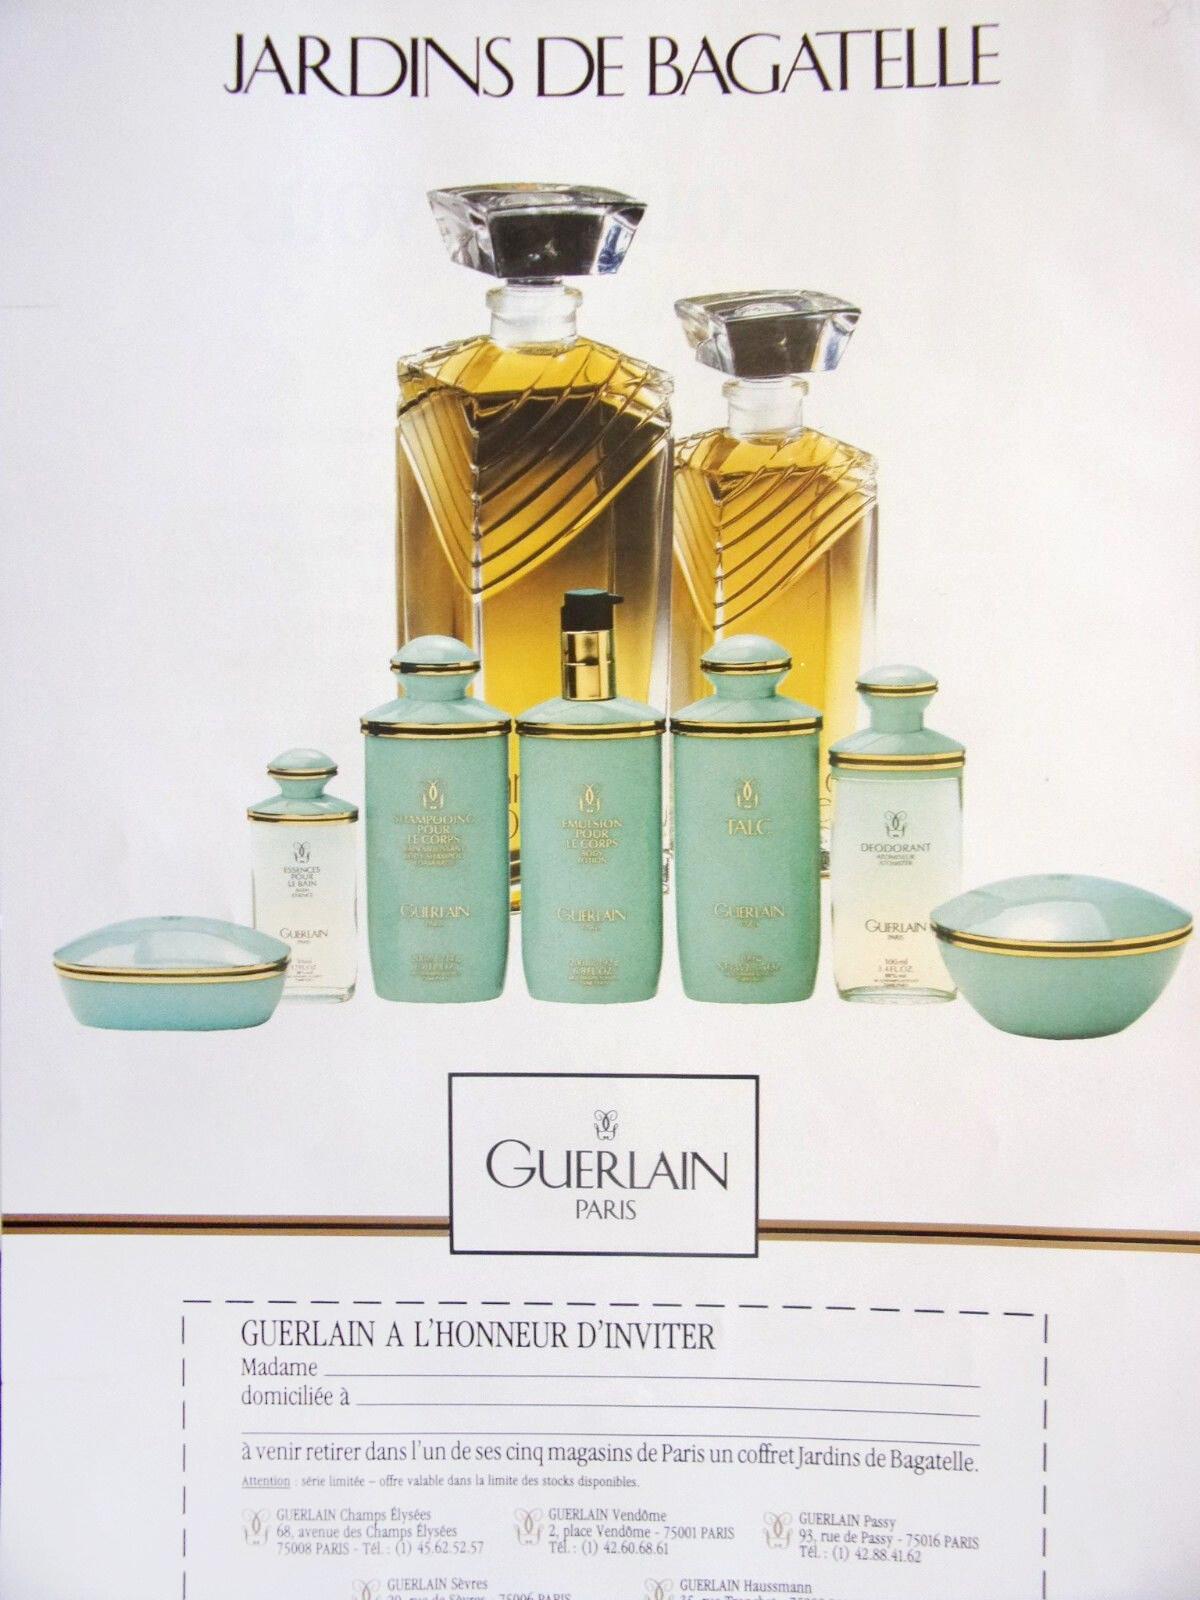 Guerlain - Jardins De Bagatelle Eau De Toilette | Reviews avec Jardin De Bagatelle Guerlain